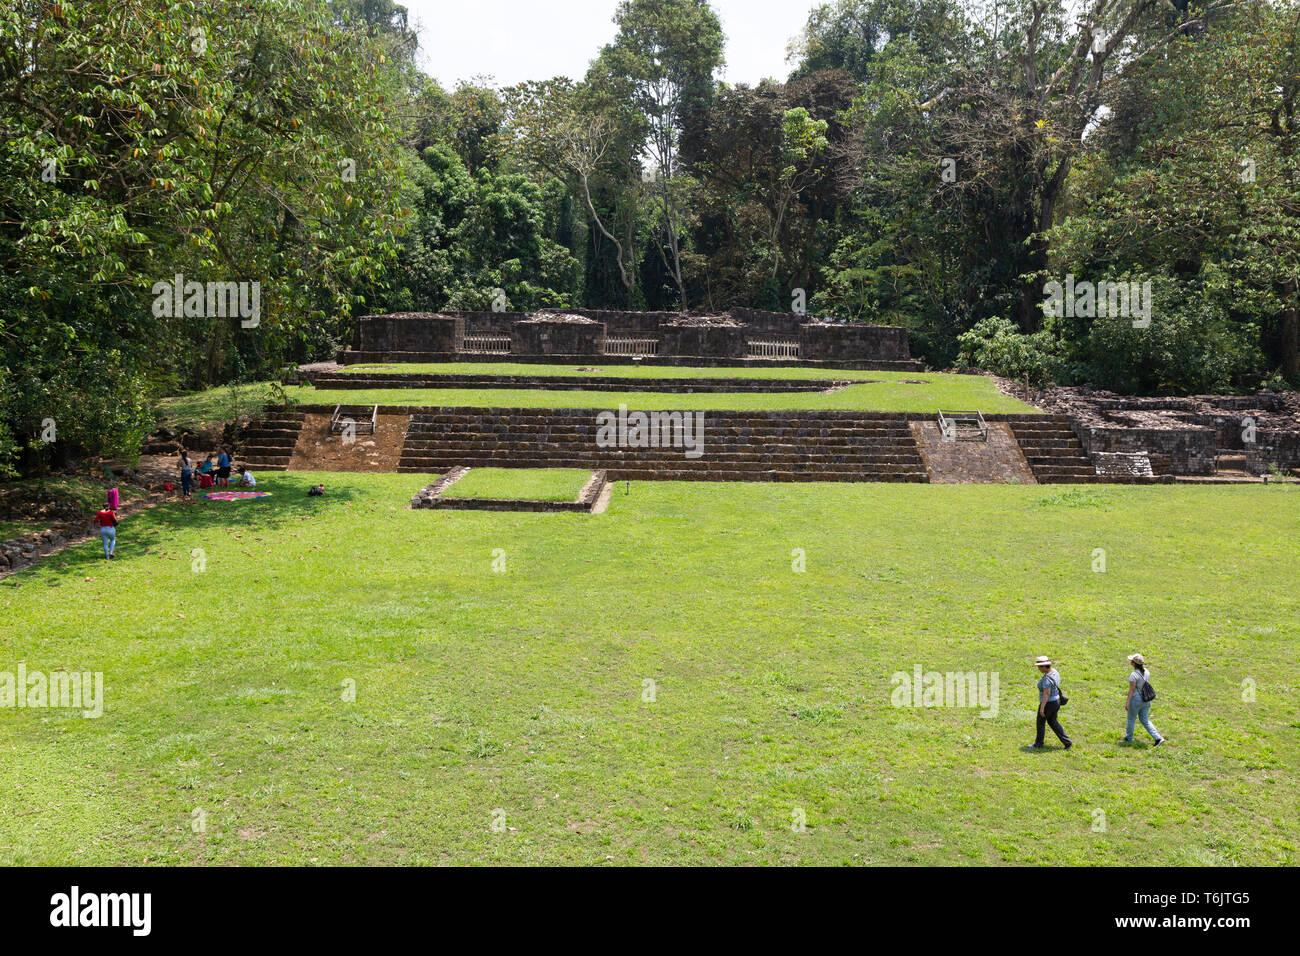 Quirigua Guatemala - the acropolis, Quirigua mayan ruins UNESCO World Heritage site, Quirigua Guatemala Central America - Stock Image